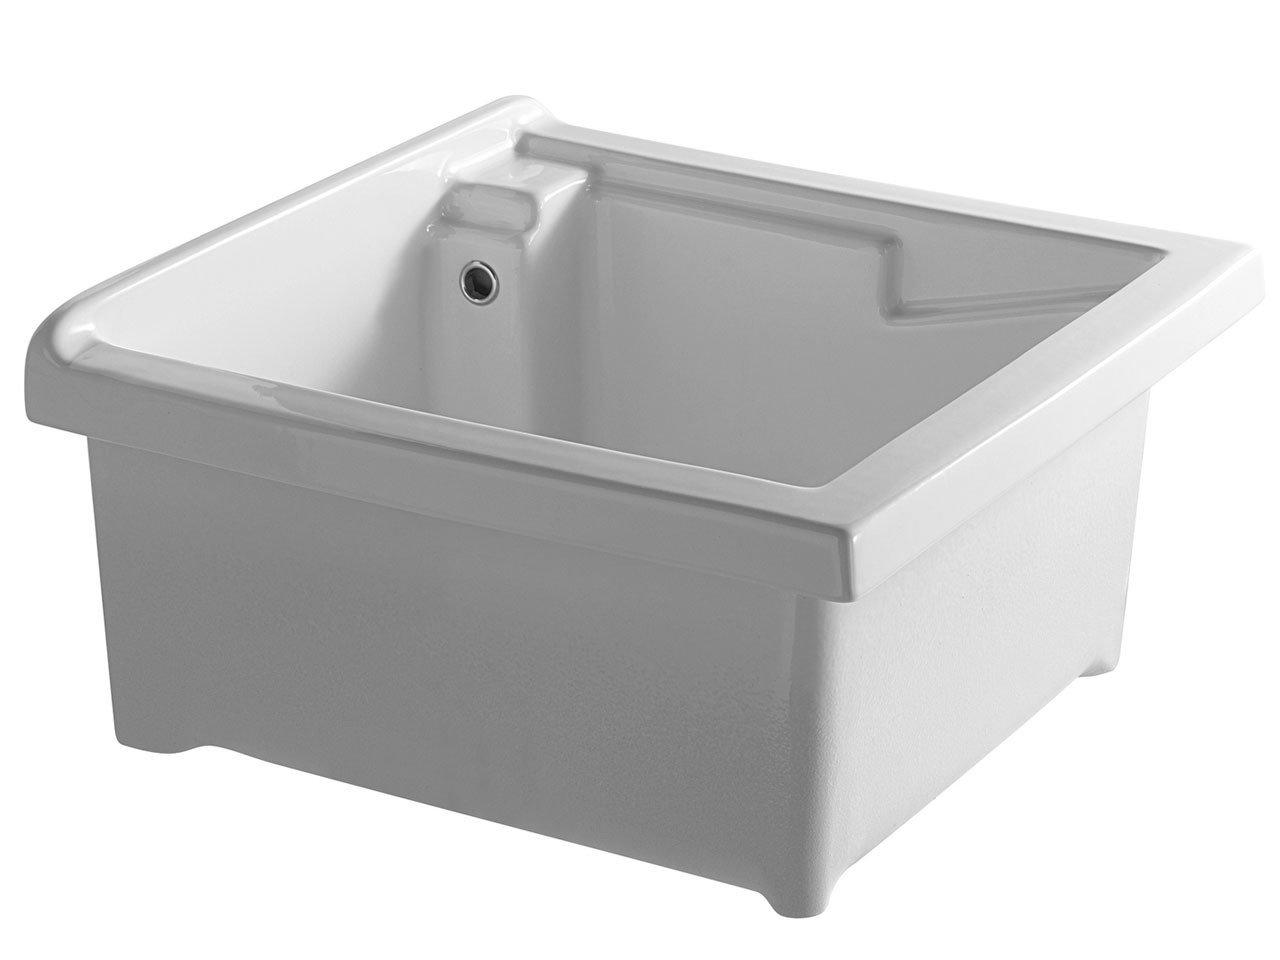 Mobili Componibili Per Lavanderia: Mobili lavanderia. Mobili per ...